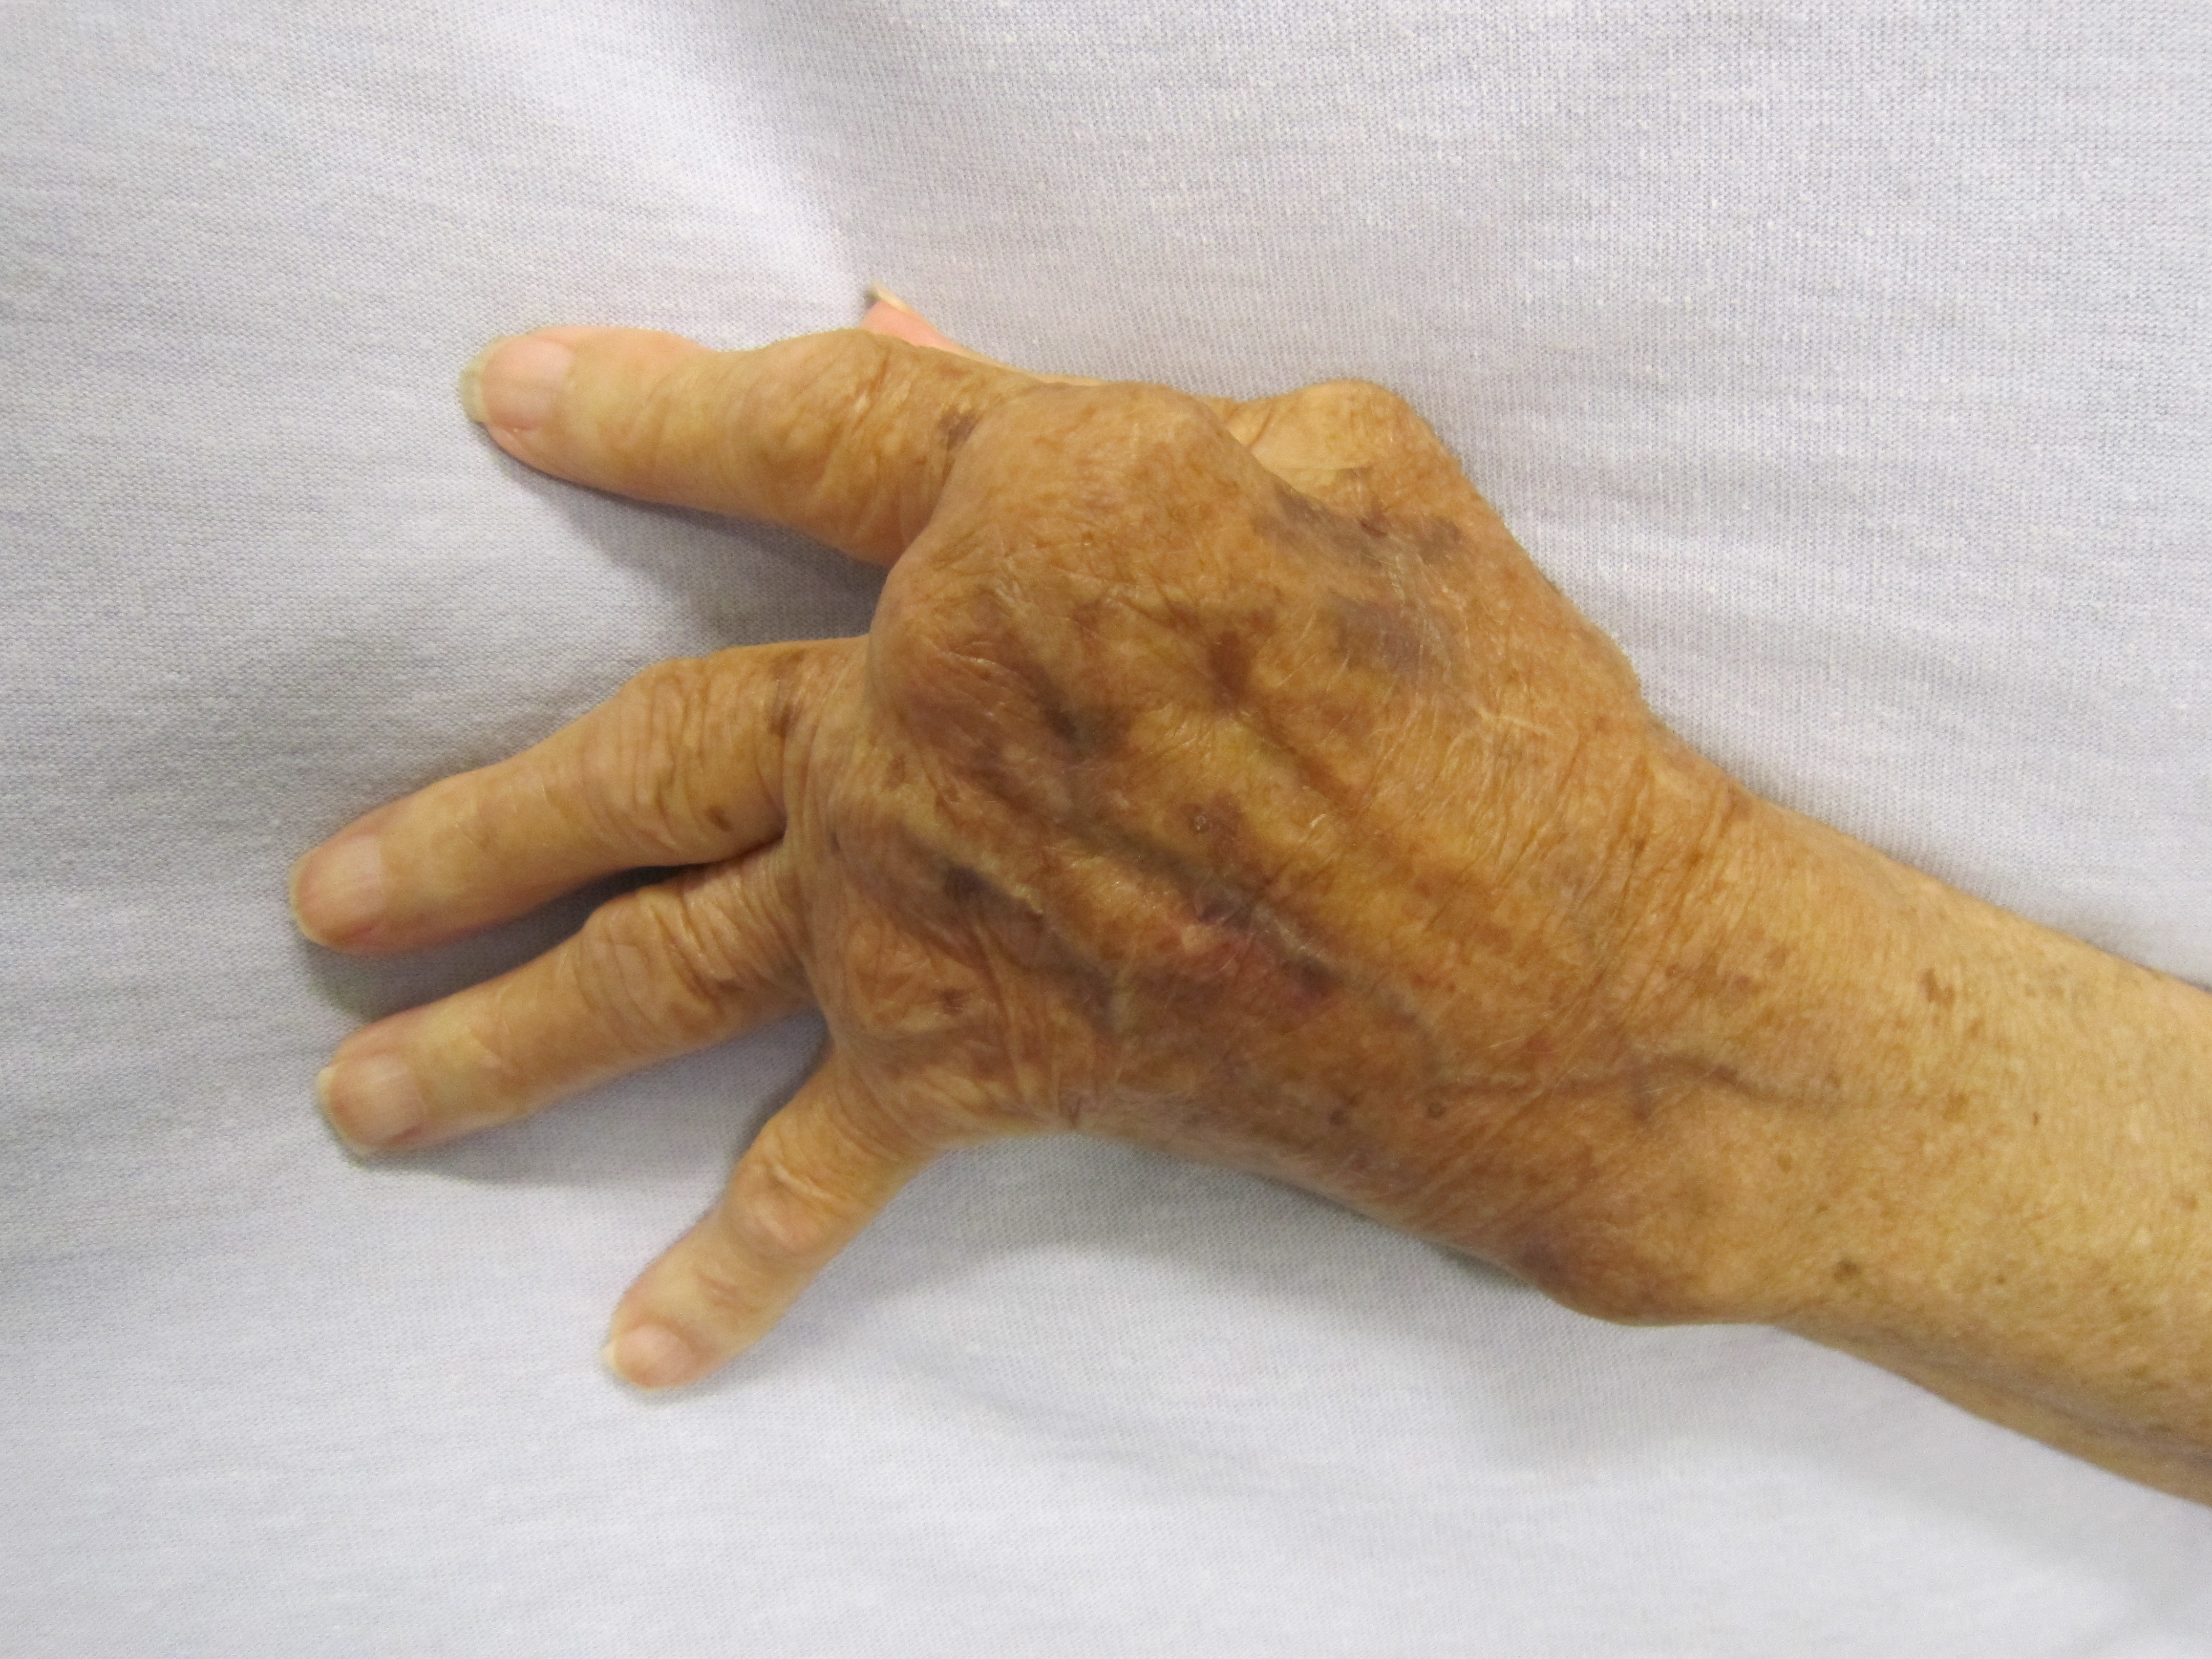 mely országokban kezelik a rheumatoid arthritist krónikus térdízületi sérülés mi ez